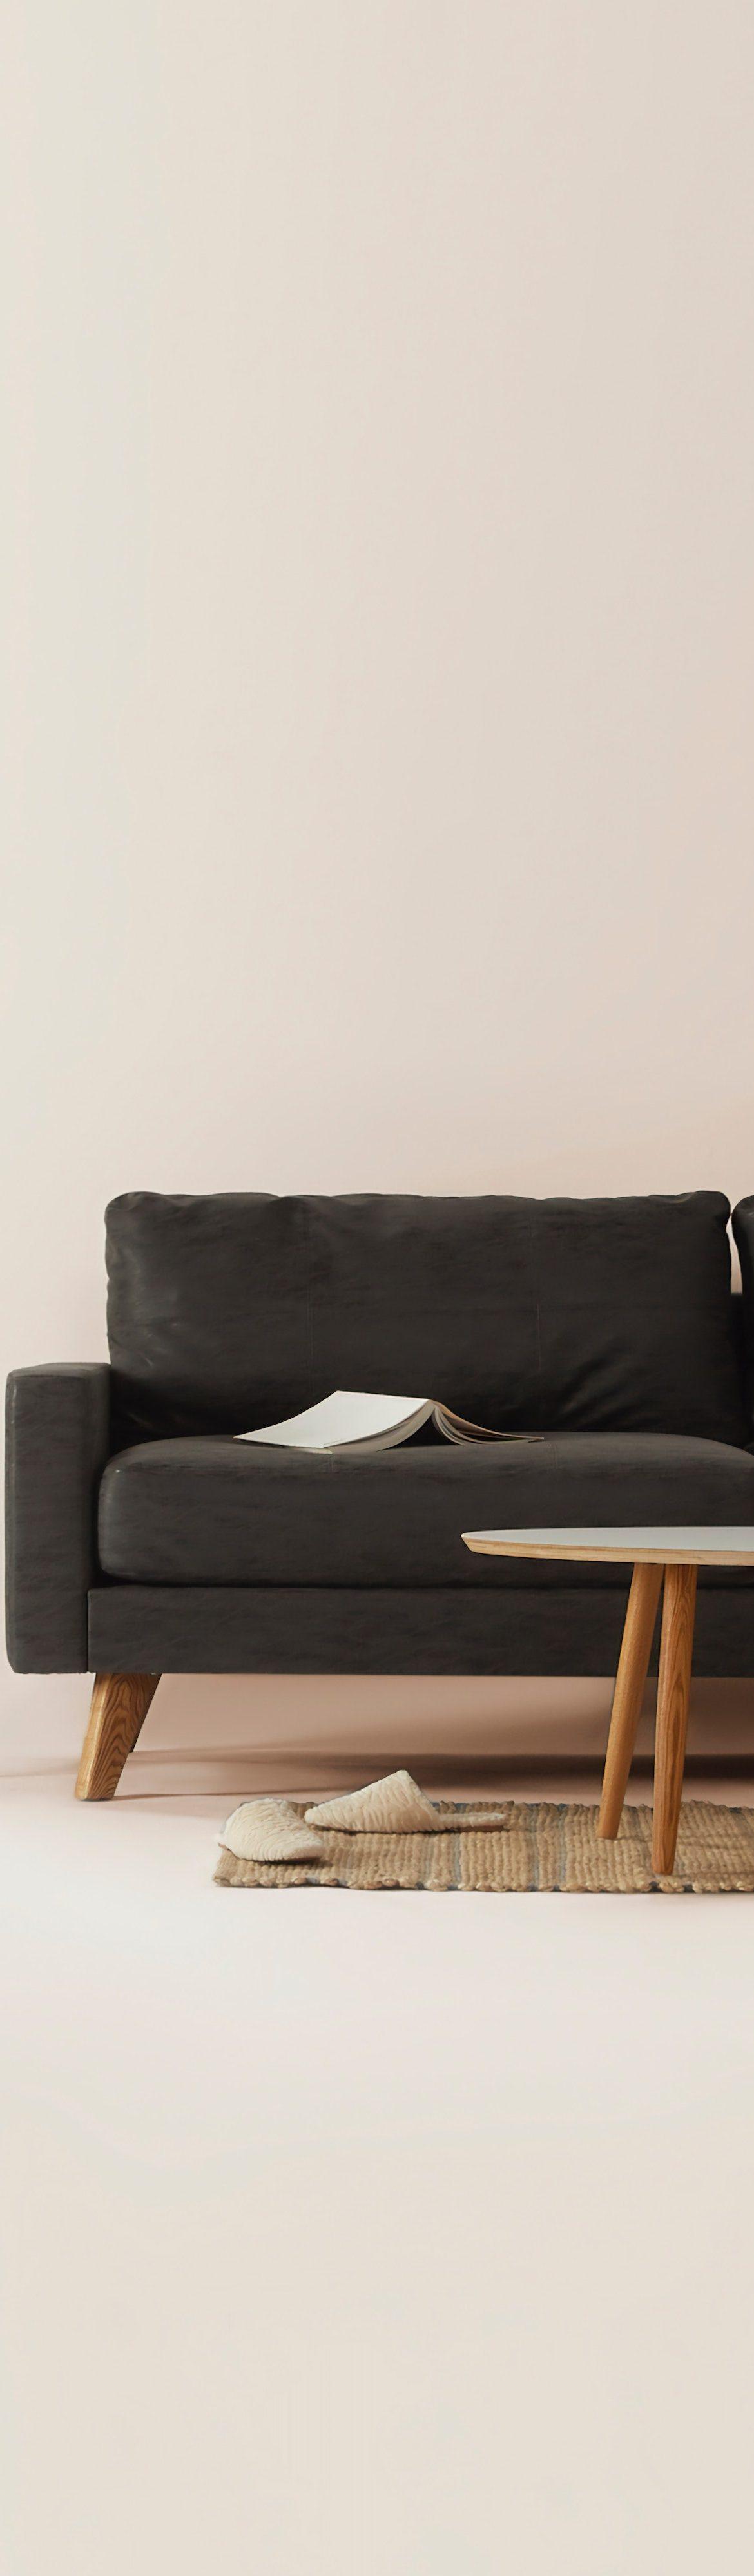 kárpittisztítás, kanapé minimál otthonban és dísznövény